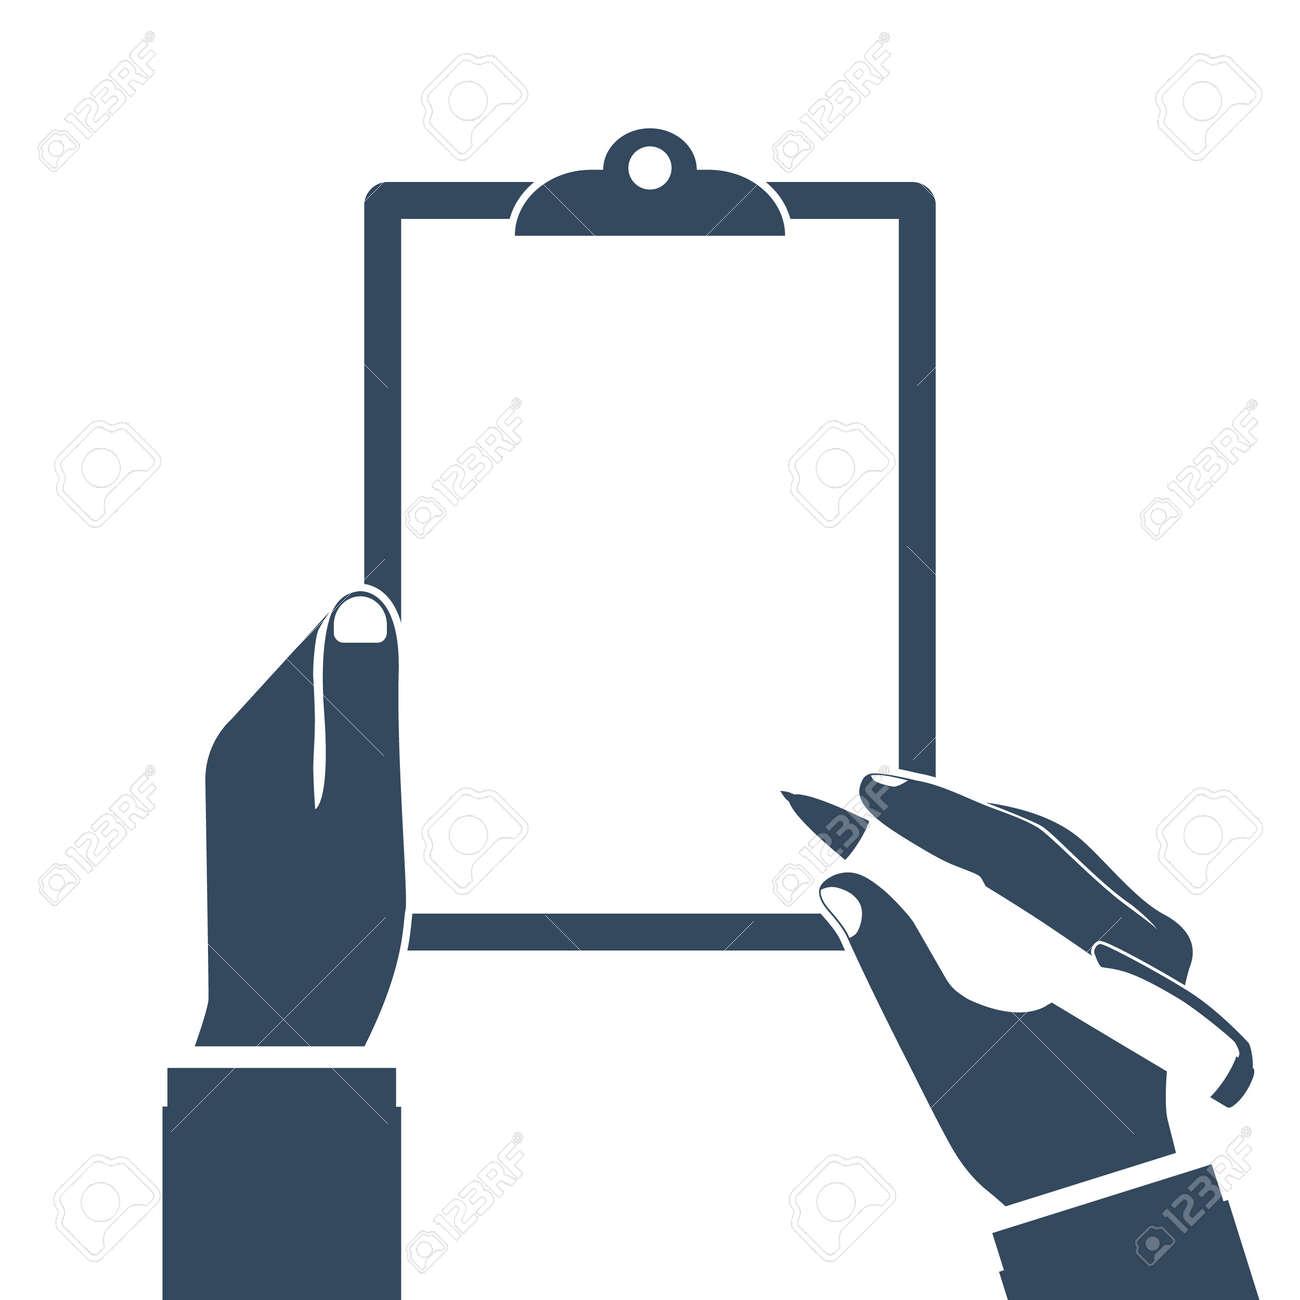 男は クリップボードを保持し 書き込みます 空の空 ペンを手に 書く